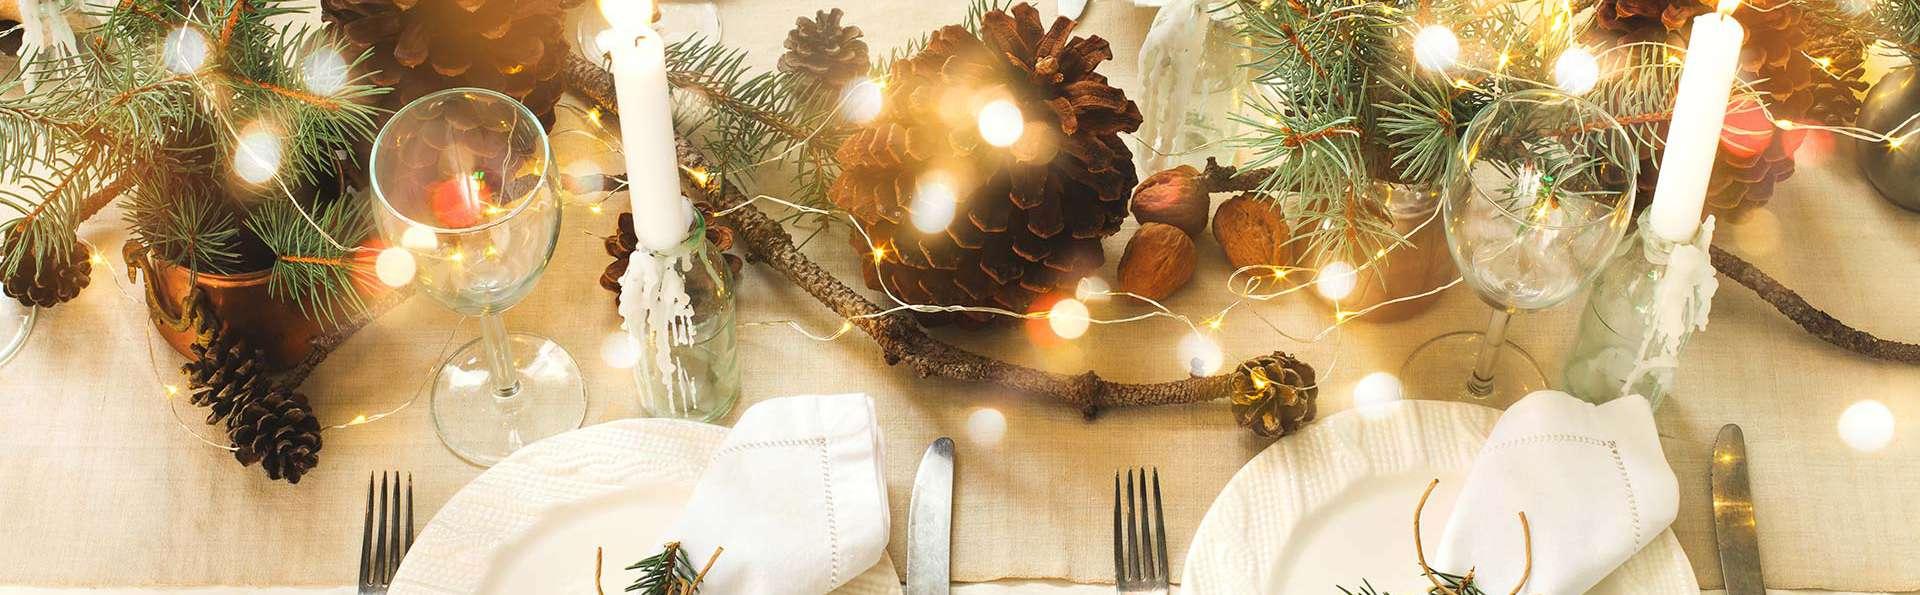 Nouvel An : dîner 5 plats d'exception dans un cadre de charme pour le réveillon